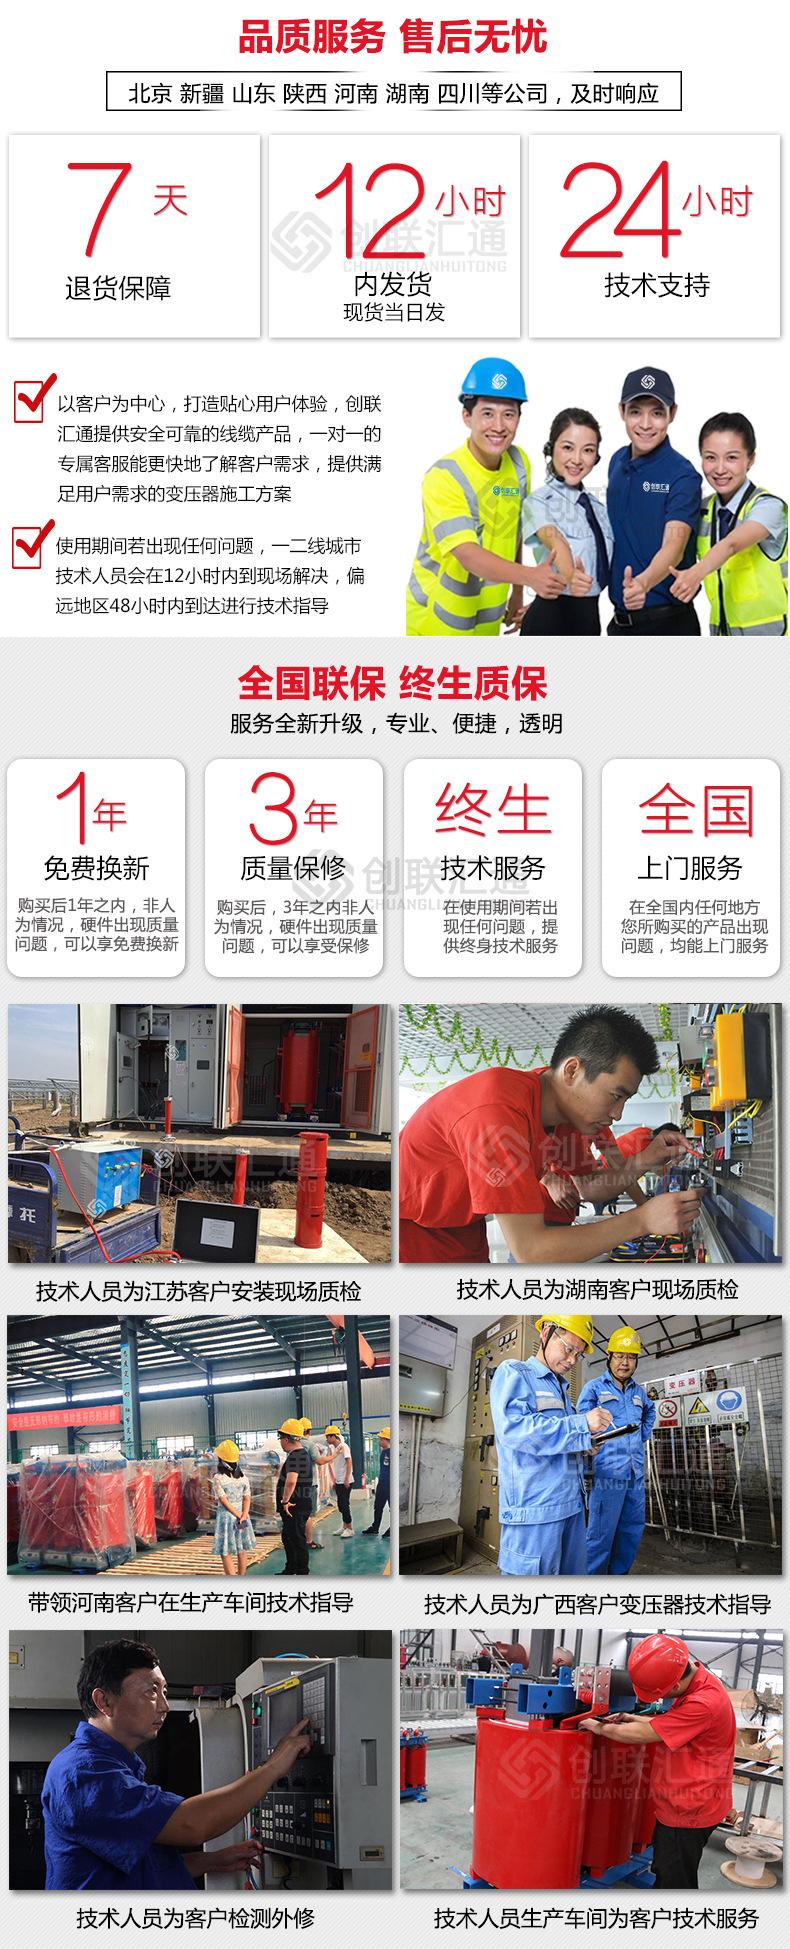 干式非晶合金变压器 SCBH15变压器  低损耗 厂家直销拒绝中间差价-创联汇通示例图18